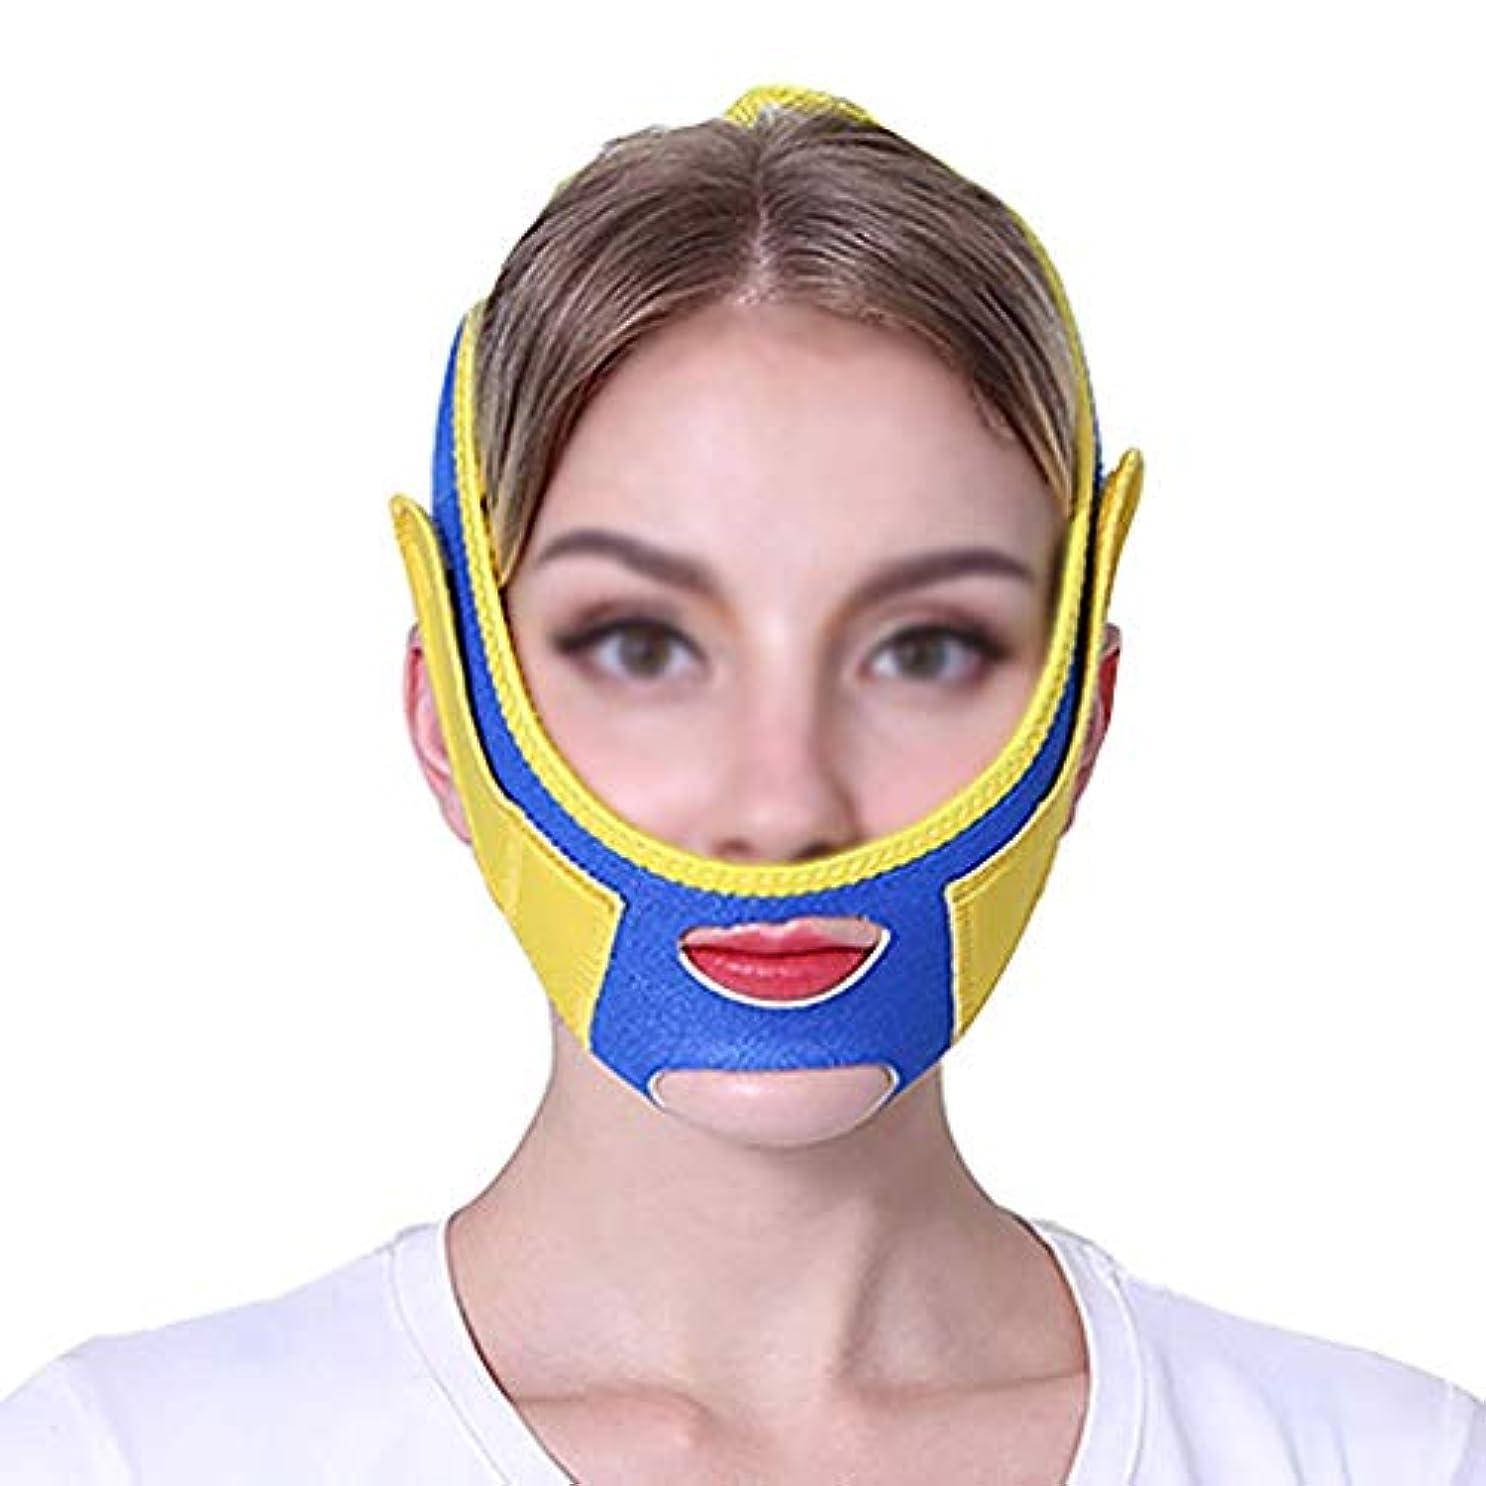 無数の弓もろいファーミングフェイスマスク、スモールVフェイスアーティファクトリフティングマスクフェイスリフティングフェイスメロンフェイスリフティングフェイスマスクファーミングクリームフェイスリフティング包帯